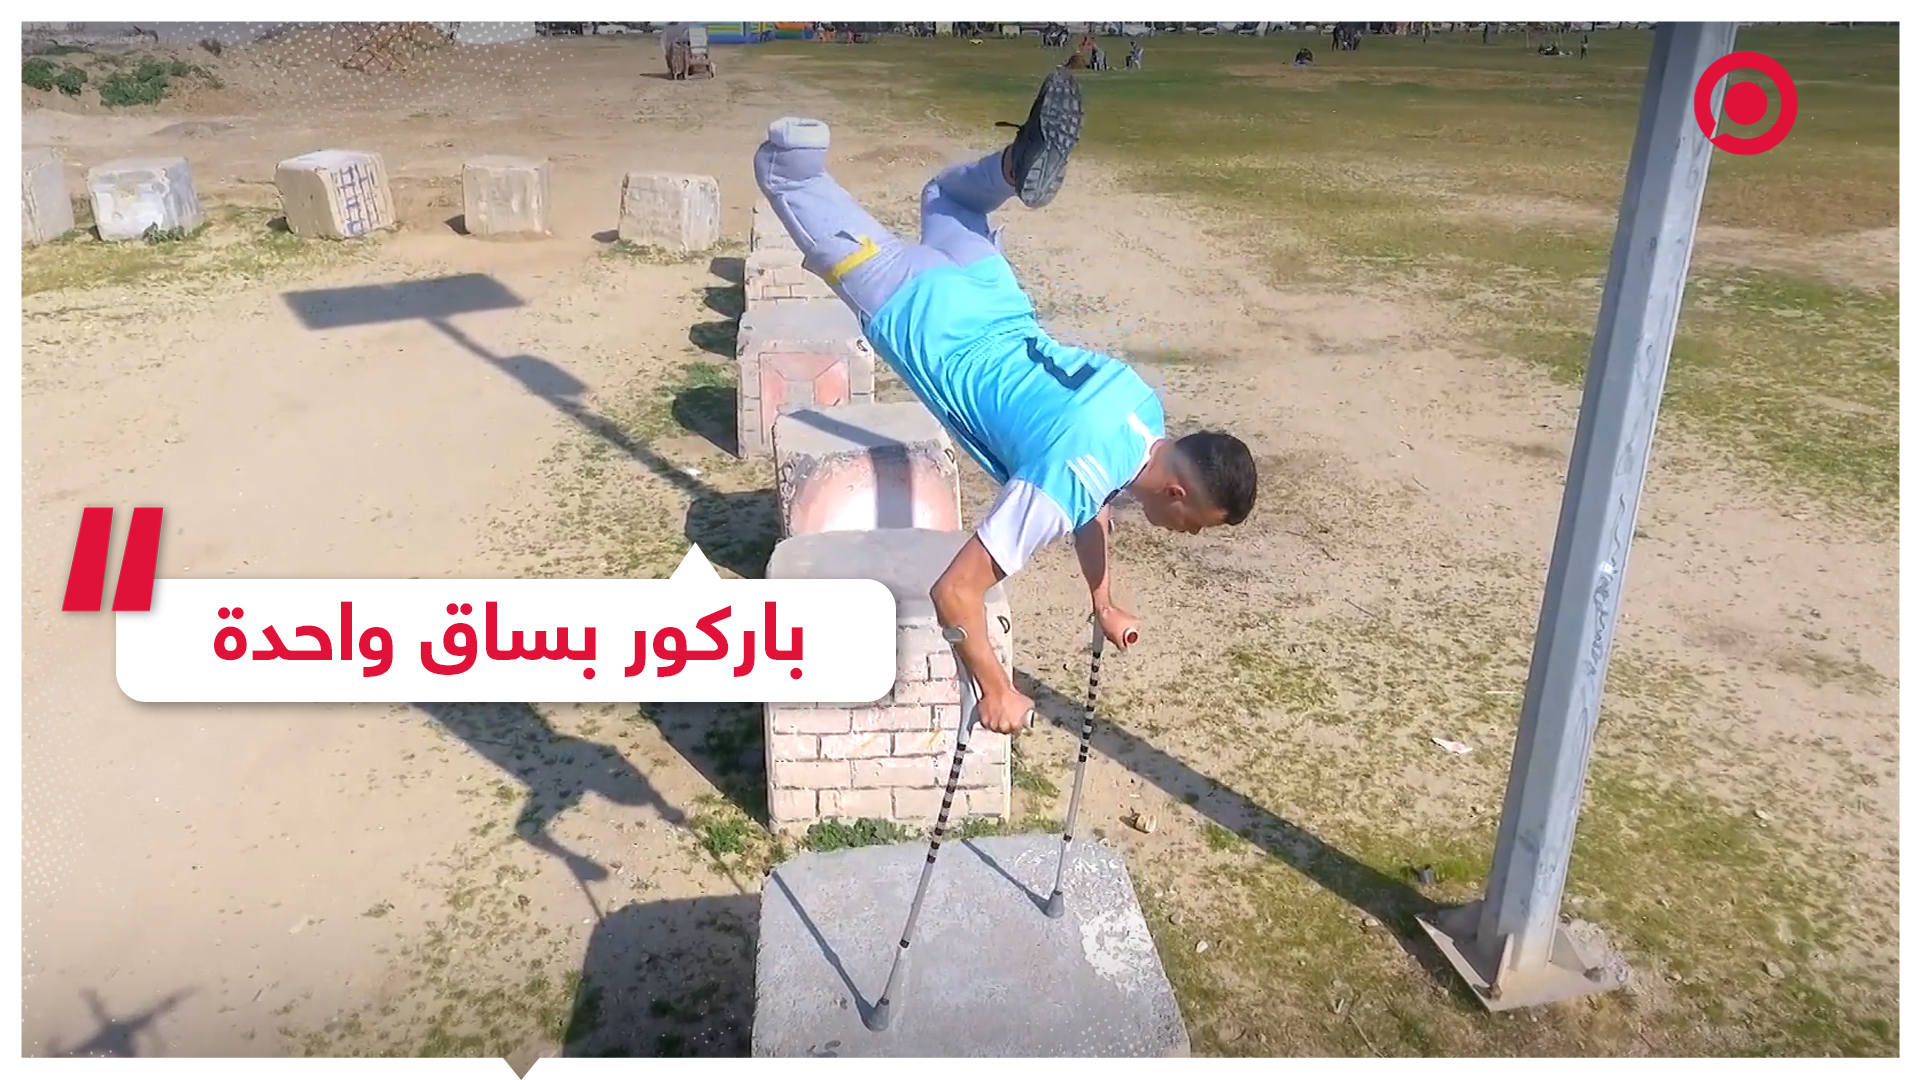 بساق واحدة.. شابان فلسطينيان يستعرضان مهاراتهما في الباركور